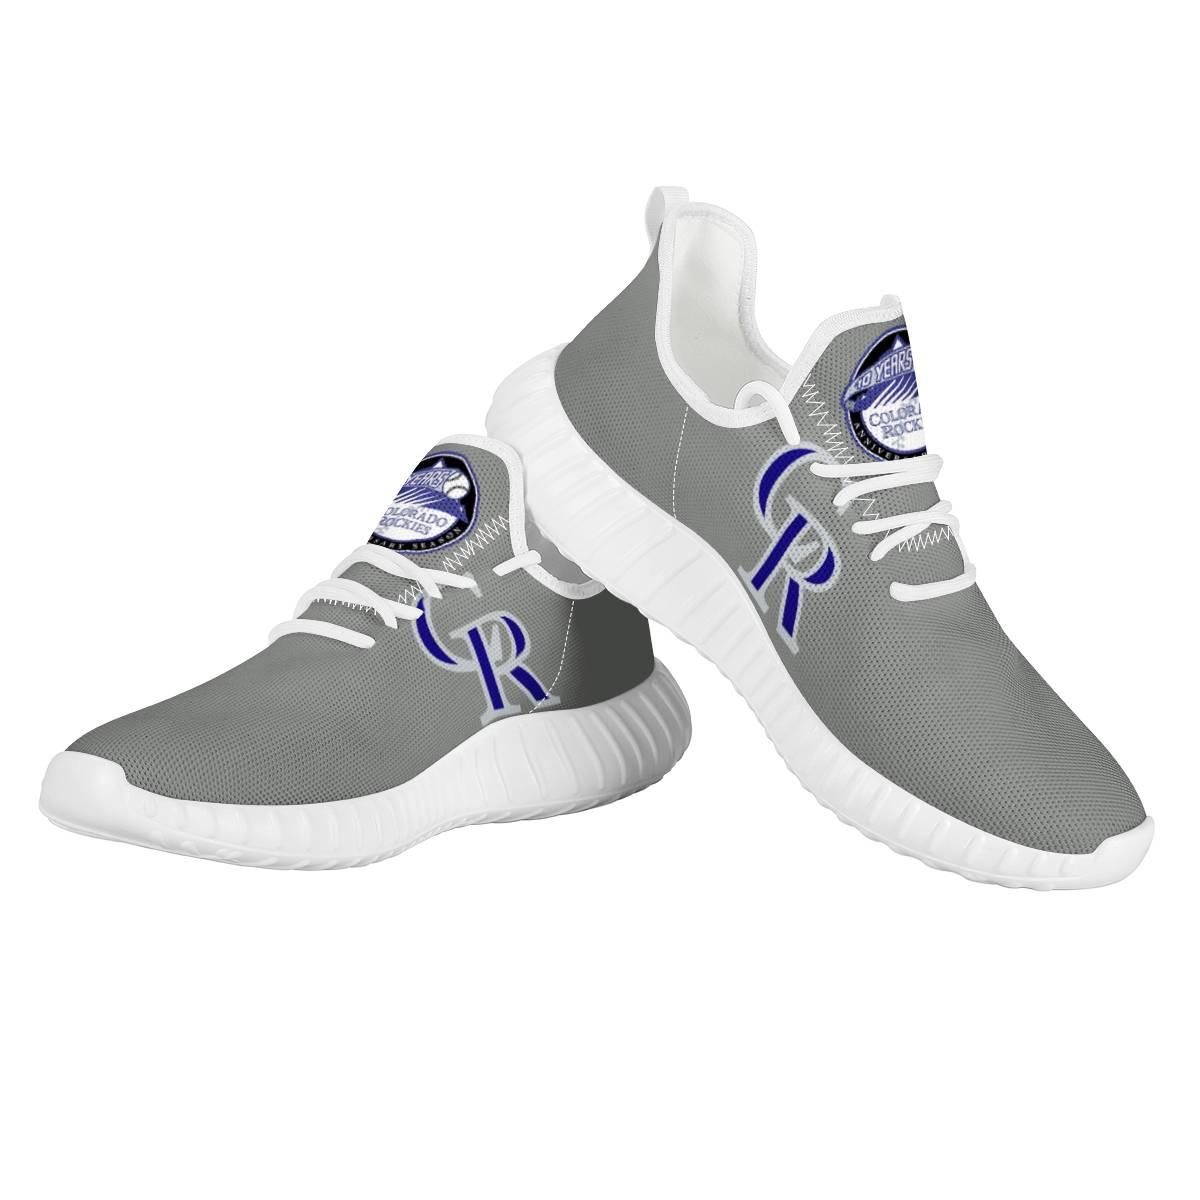 Colorado Rockies shoes